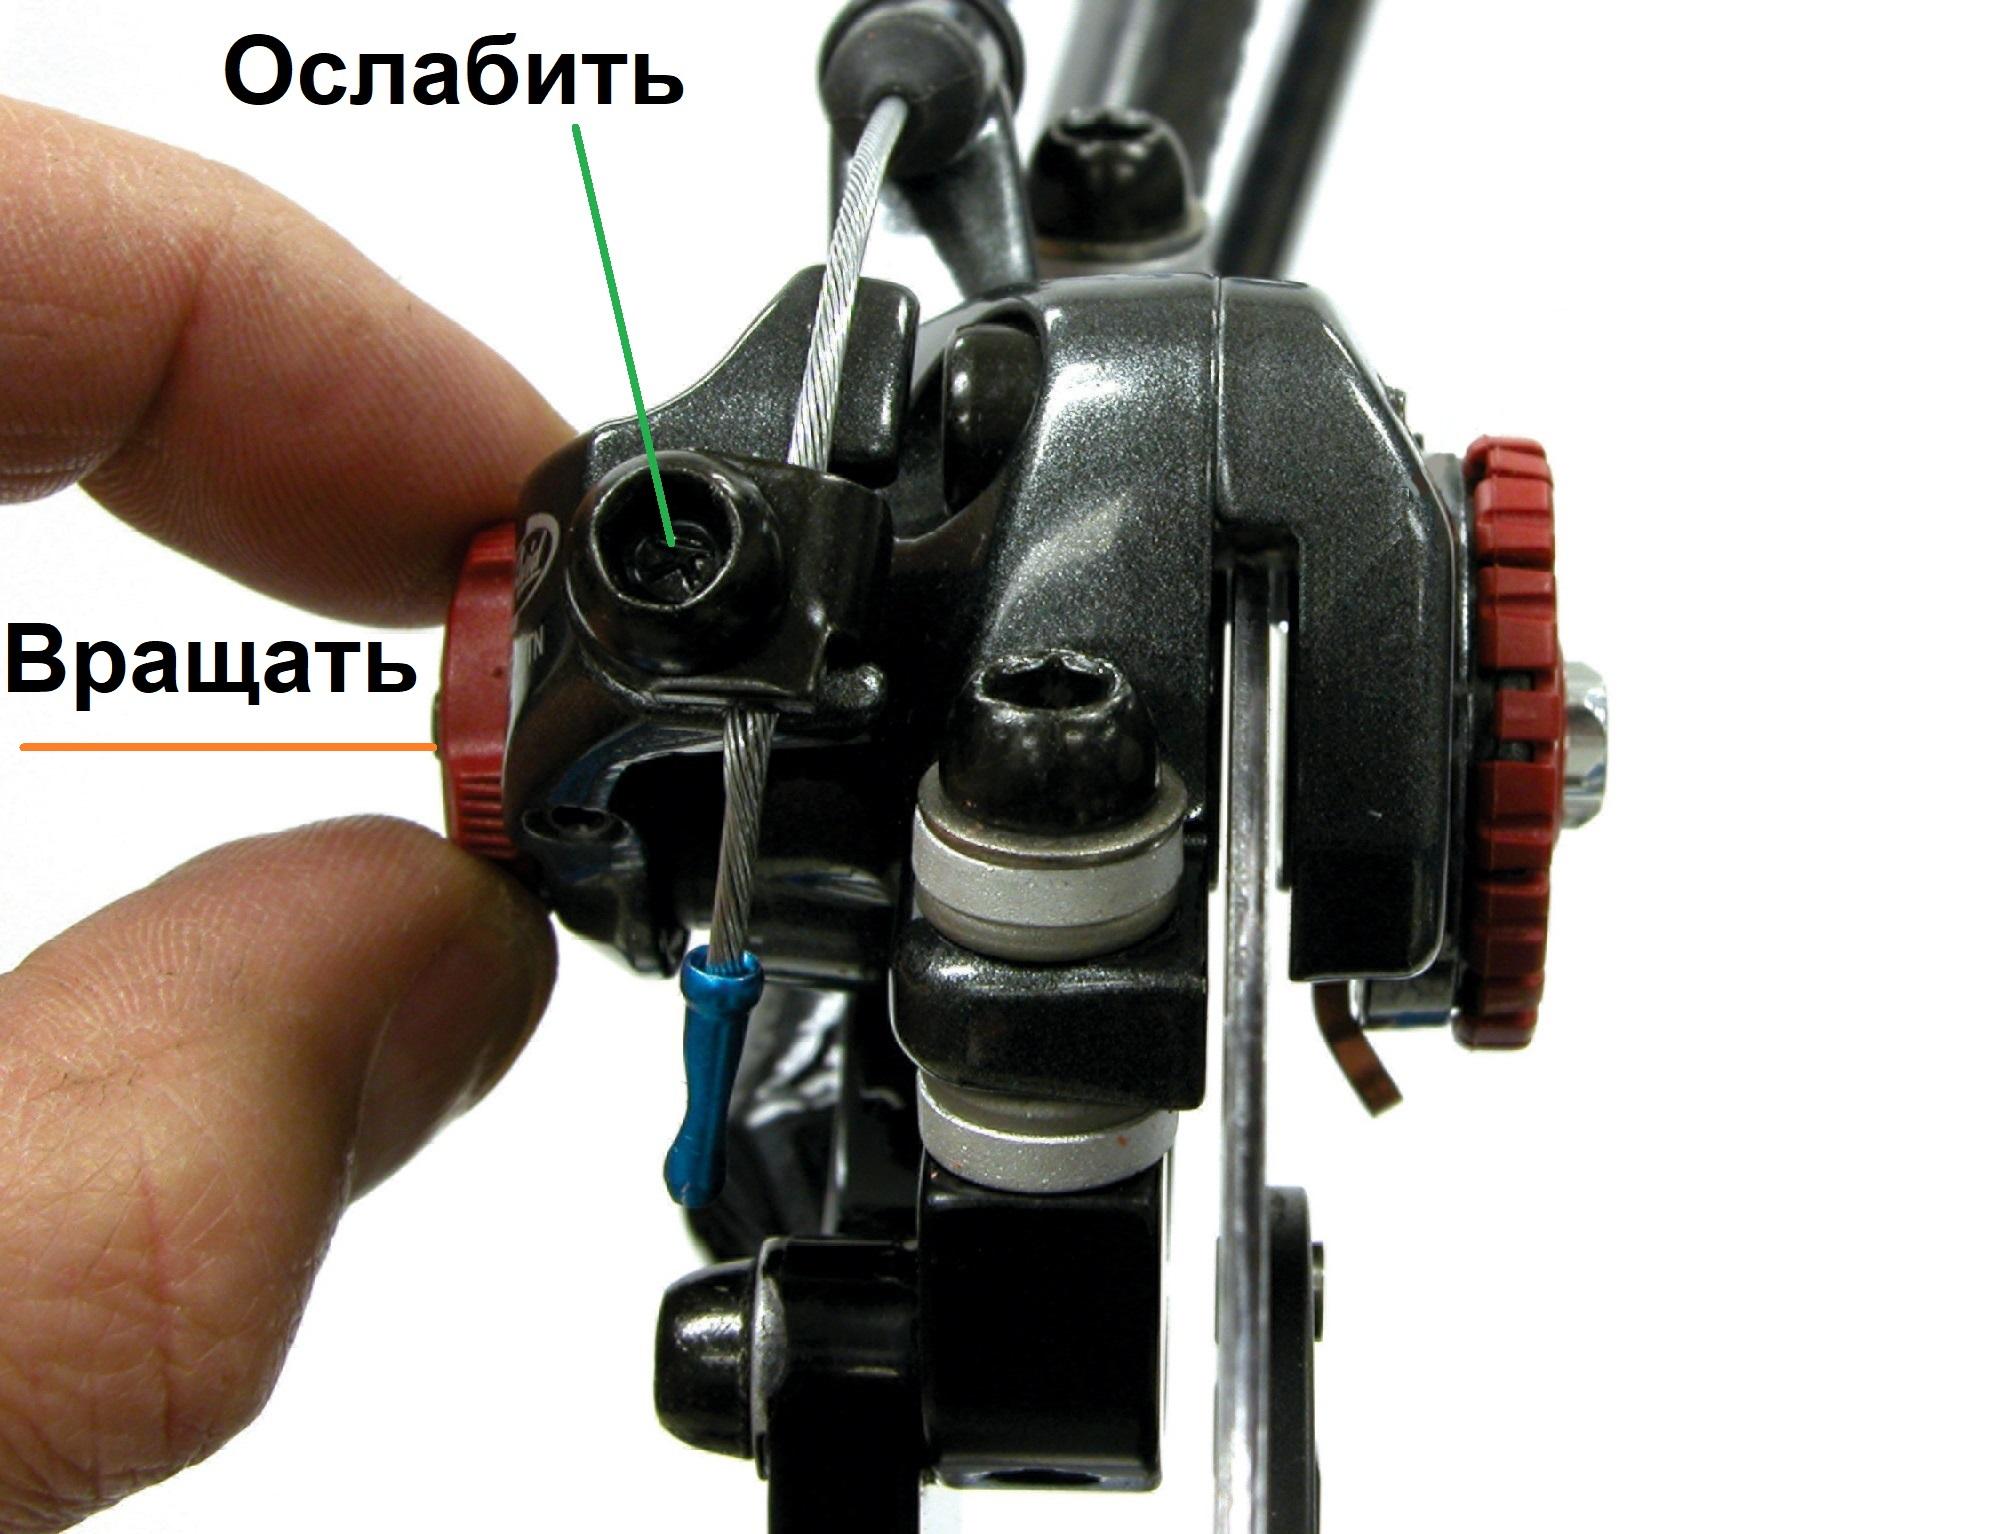 Обслуживание дисковых тормозов велосипеда